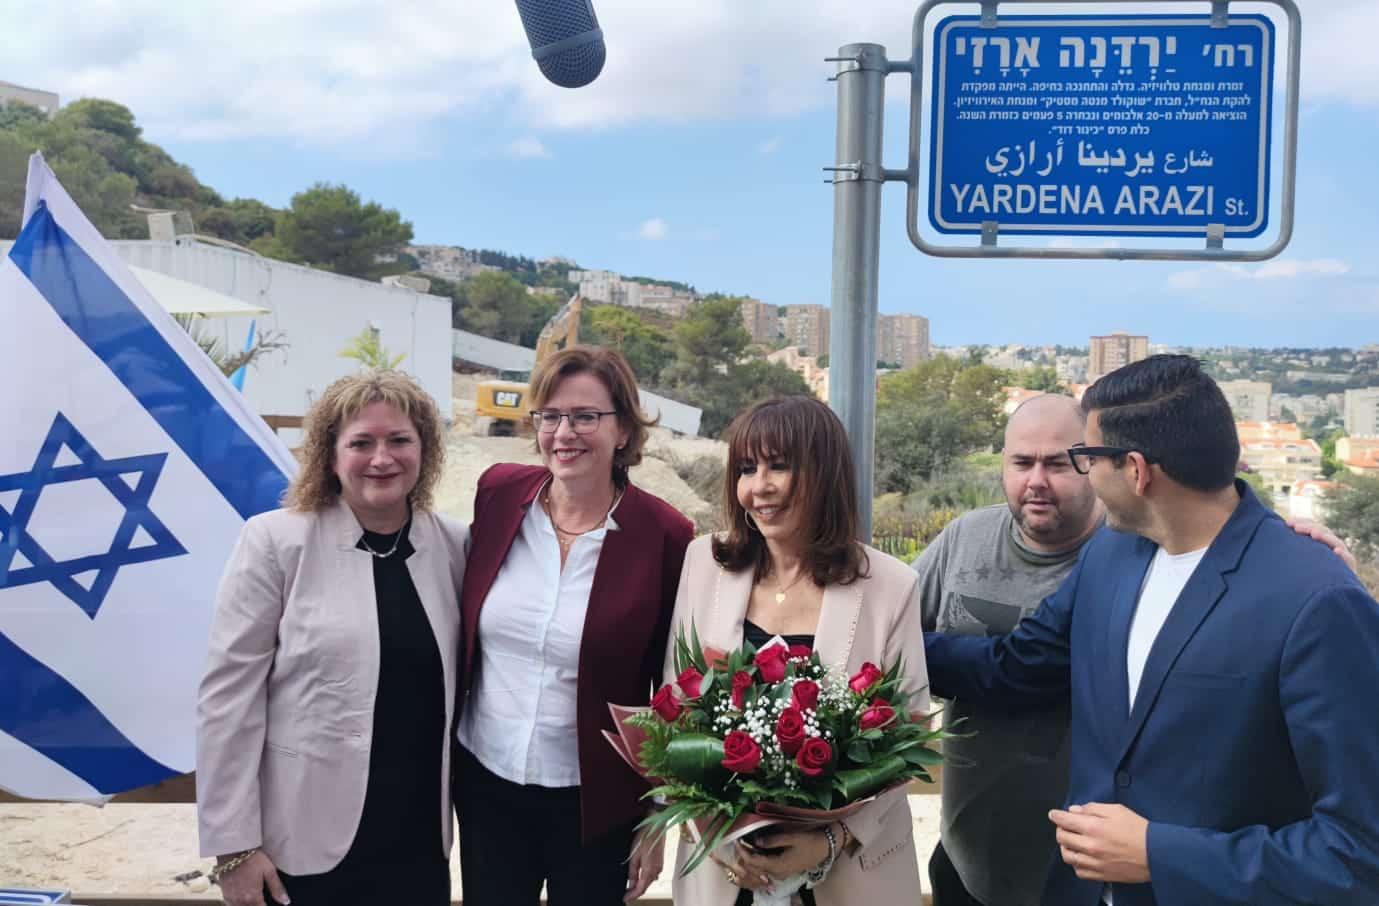 """טקס קראית רחוב ע""""ש ירדנה ארזי בחיפה, קרדיט צילום: חדשות NWS"""